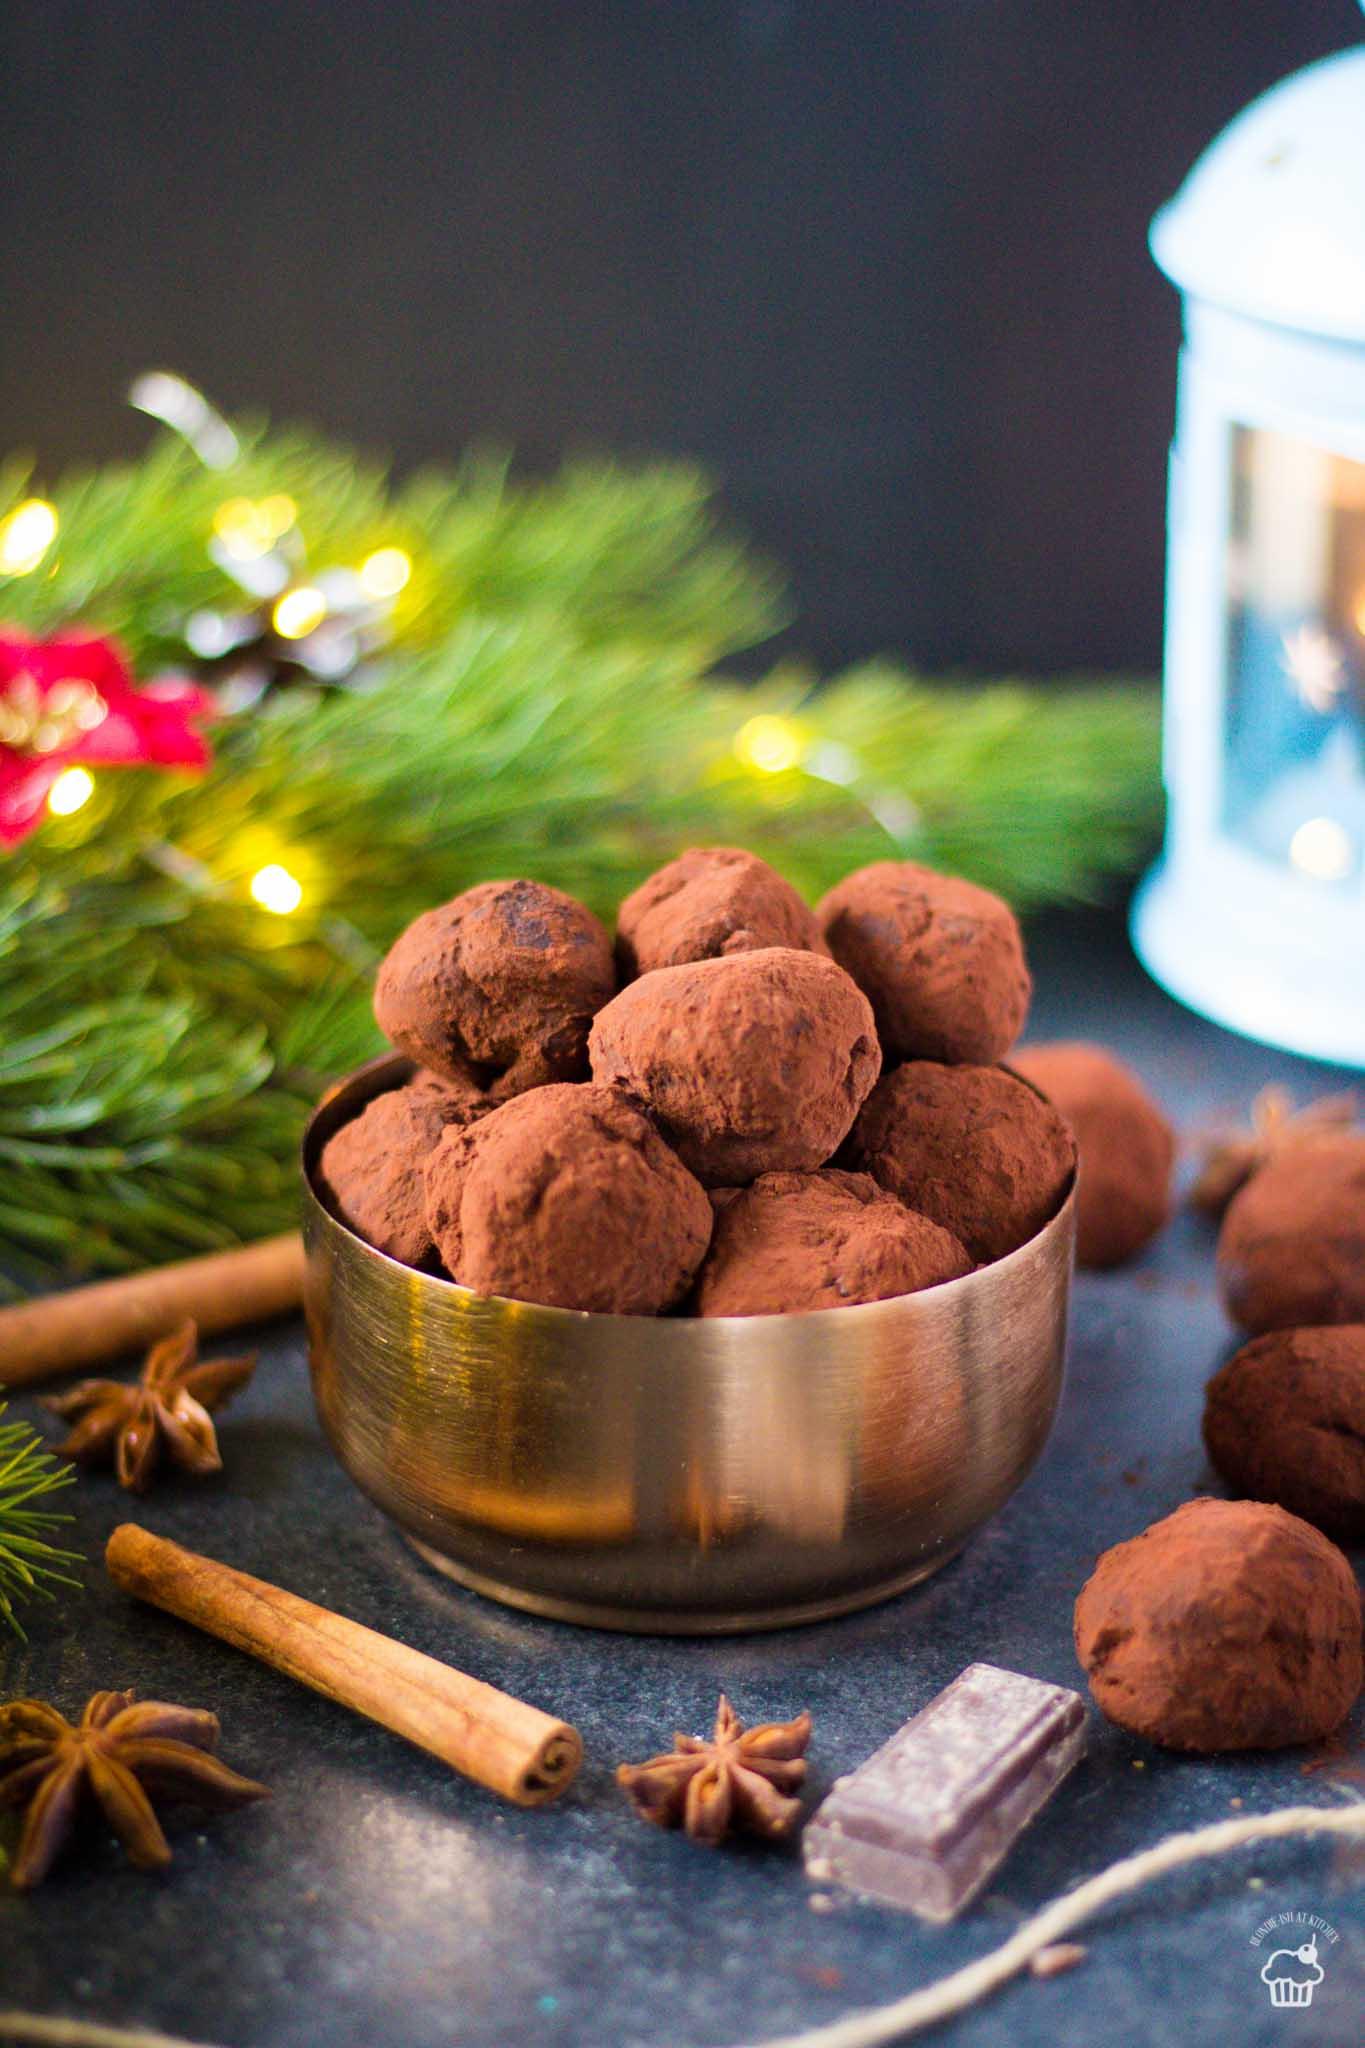 čokoládovo - perníkové truffles guľky